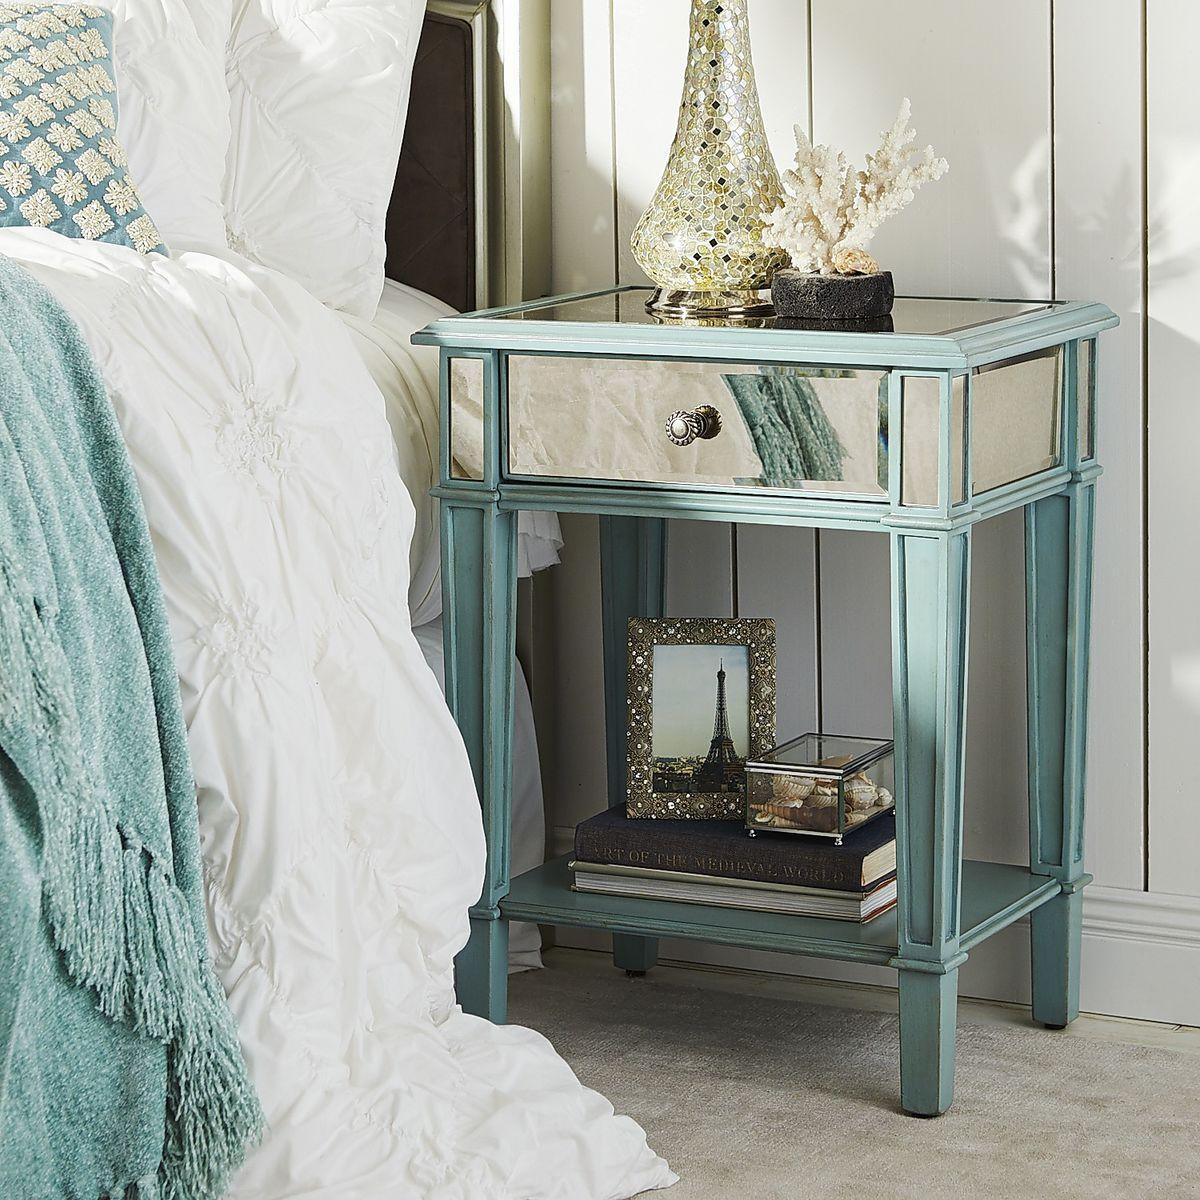 Best Hayworth Mirrored Nightstand Blue Pier 1 Imports 400 x 300